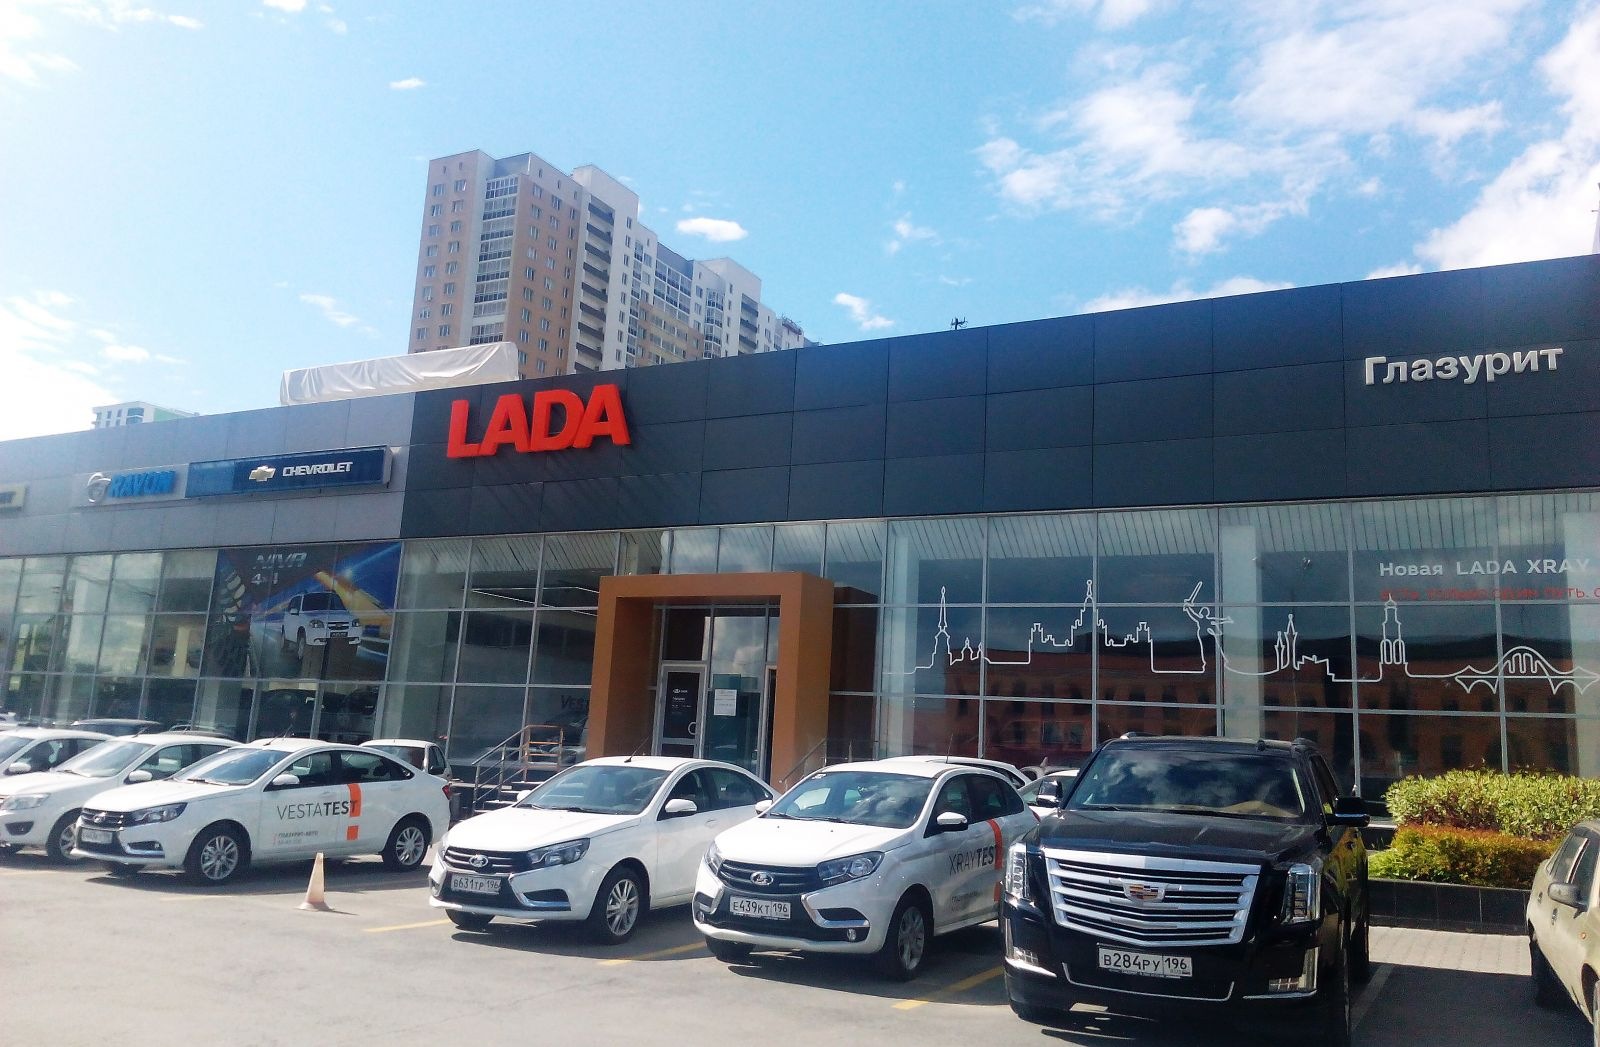 ГЛАЗУРИТ - официальный дилер Лада Веста СВ Кросс в Екатеринбурге